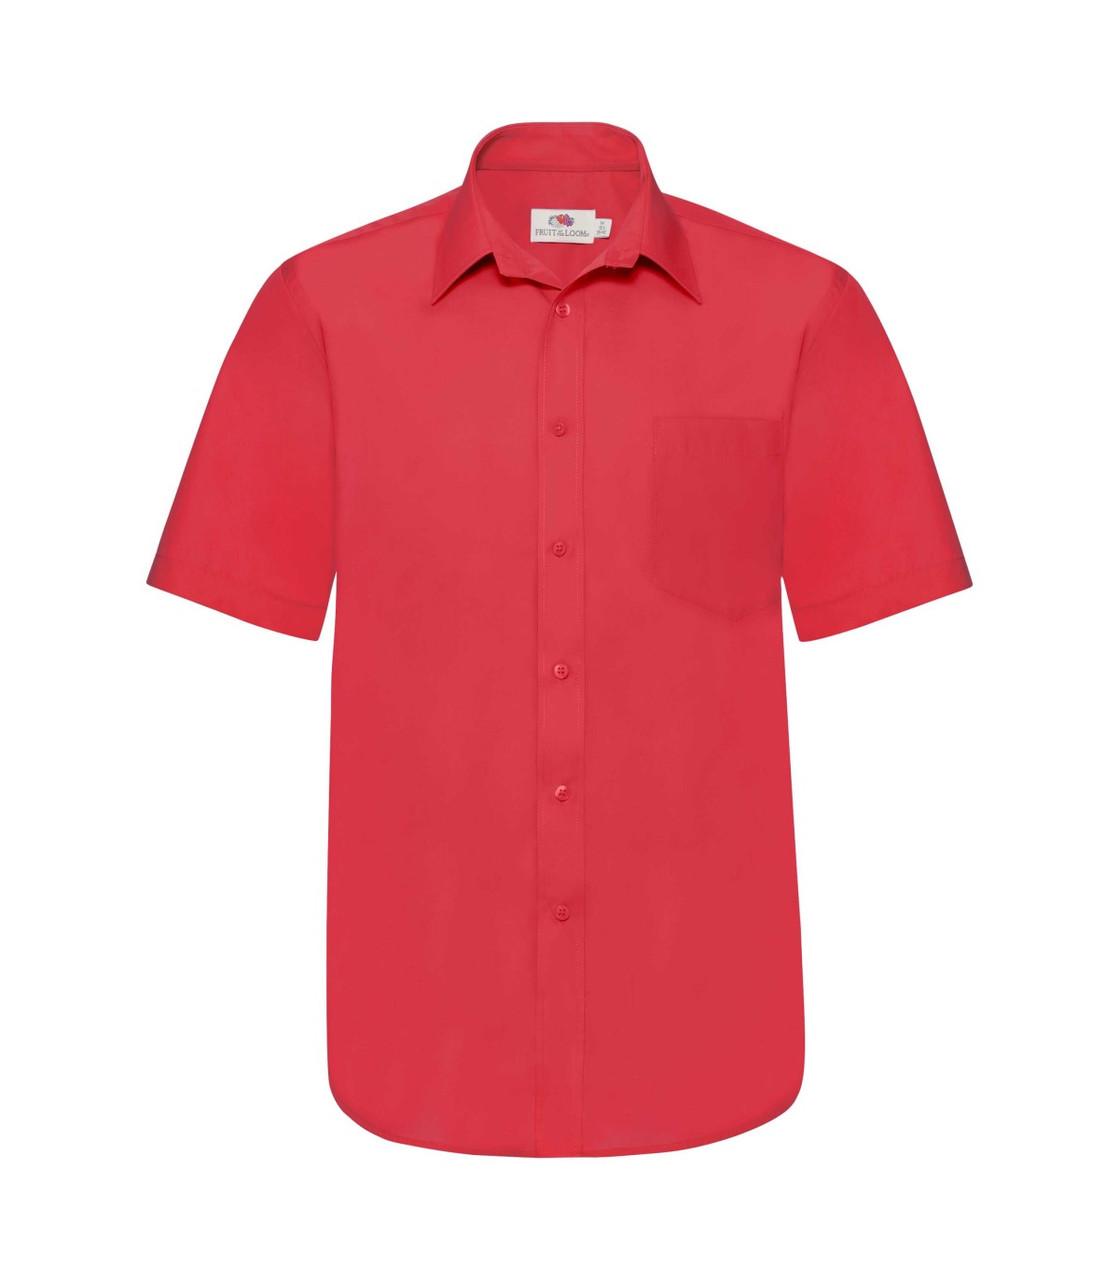 Мужская рубашка с коротким рукавом Poplin красная 116-40